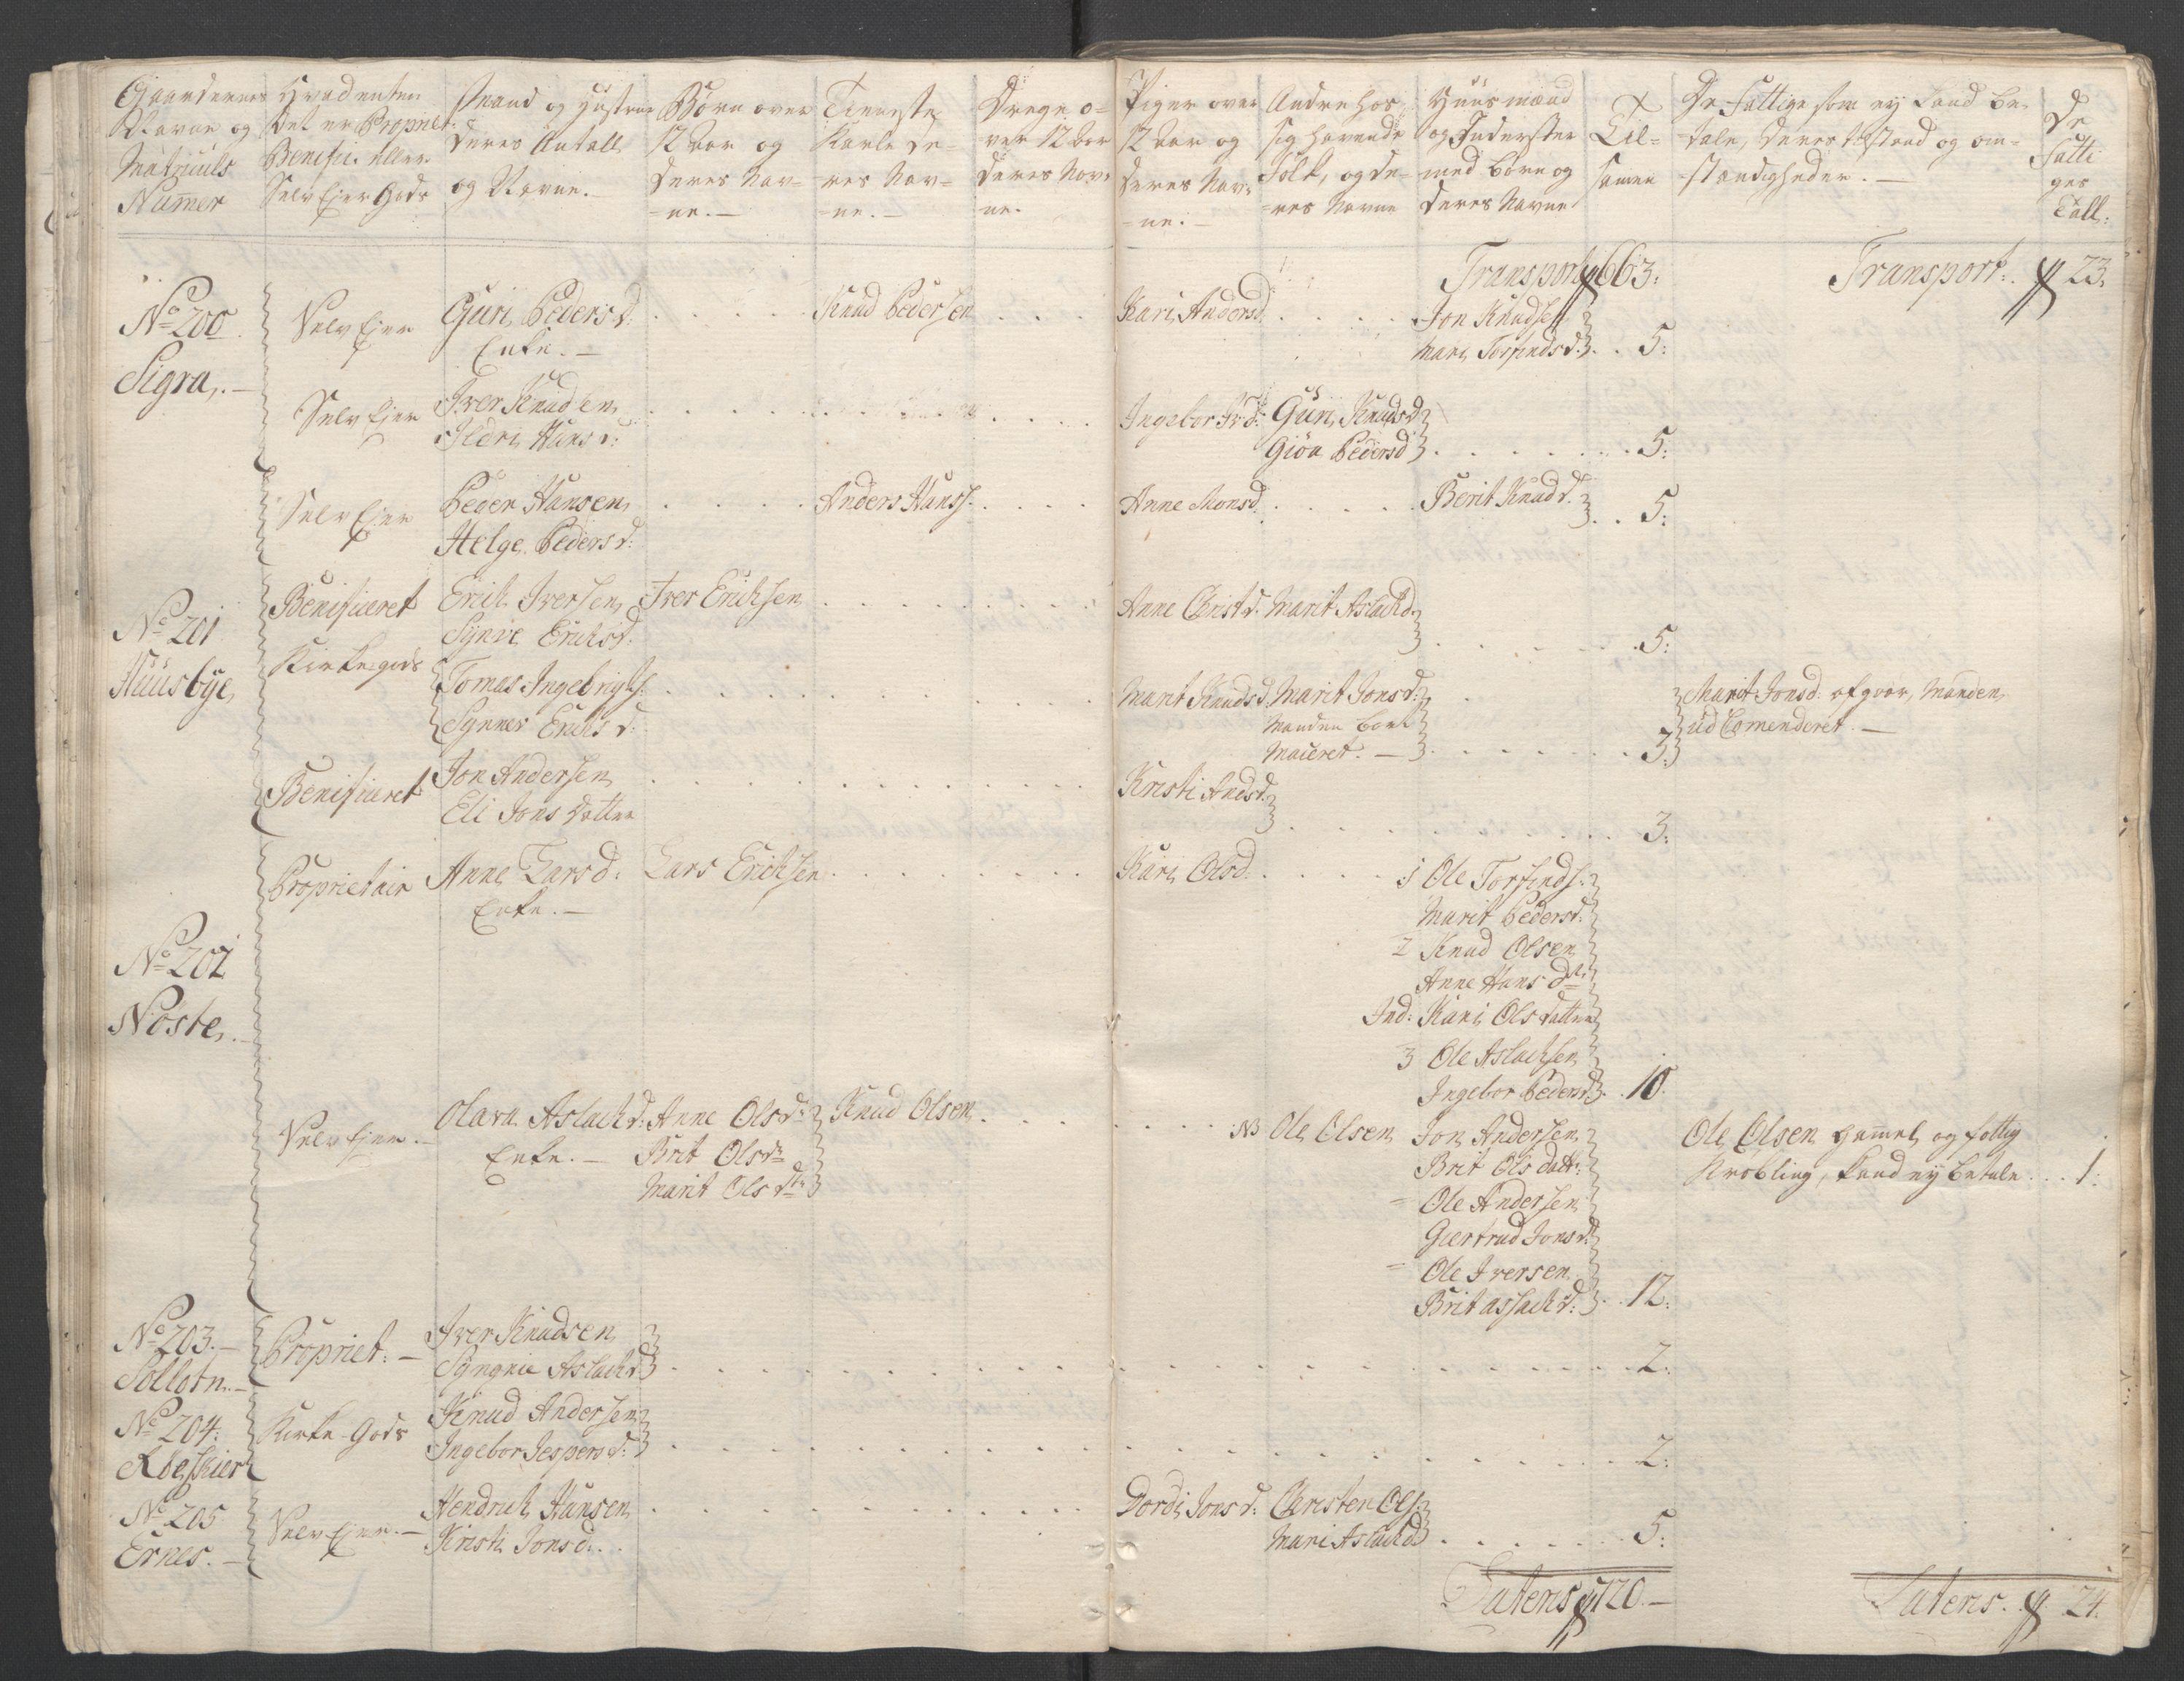 RA, Rentekammeret inntil 1814, Reviderte regnskaper, Fogderegnskap, R55/L3730: Ekstraskatten Romsdal, 1762-1763, s. 36